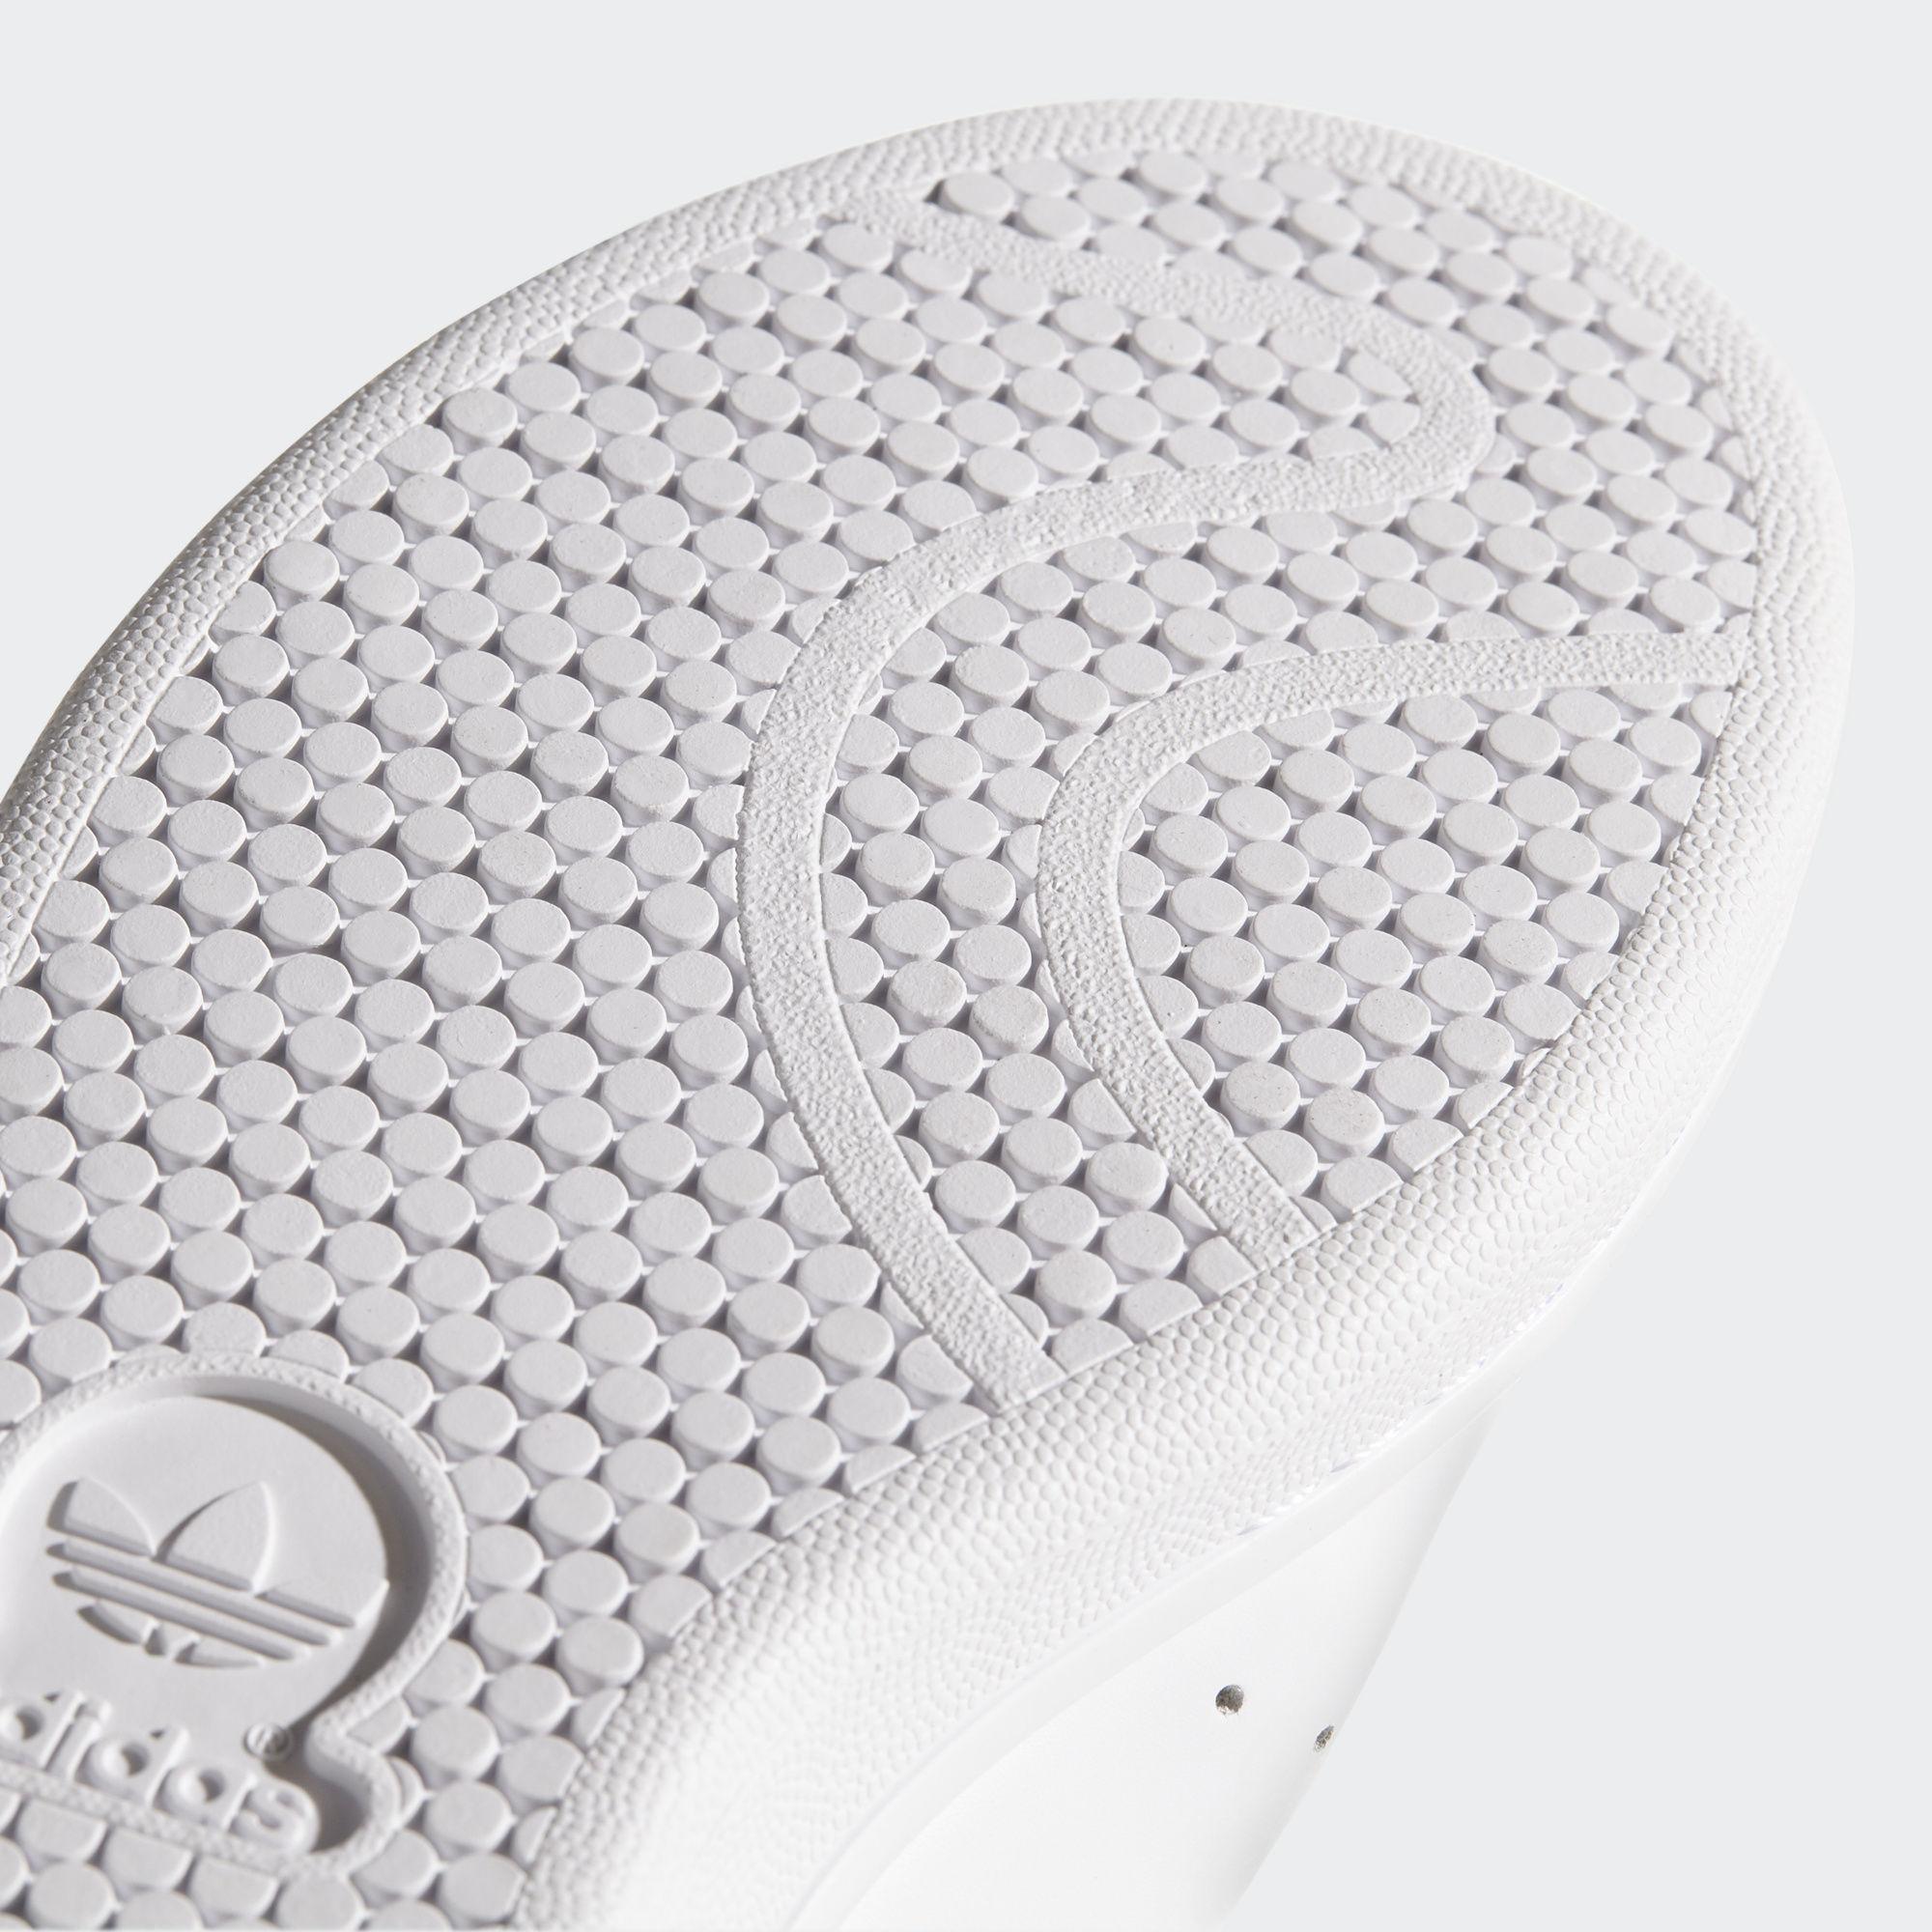 Кроссовки Adidas STAN SMITH M20325_STAN SMITH